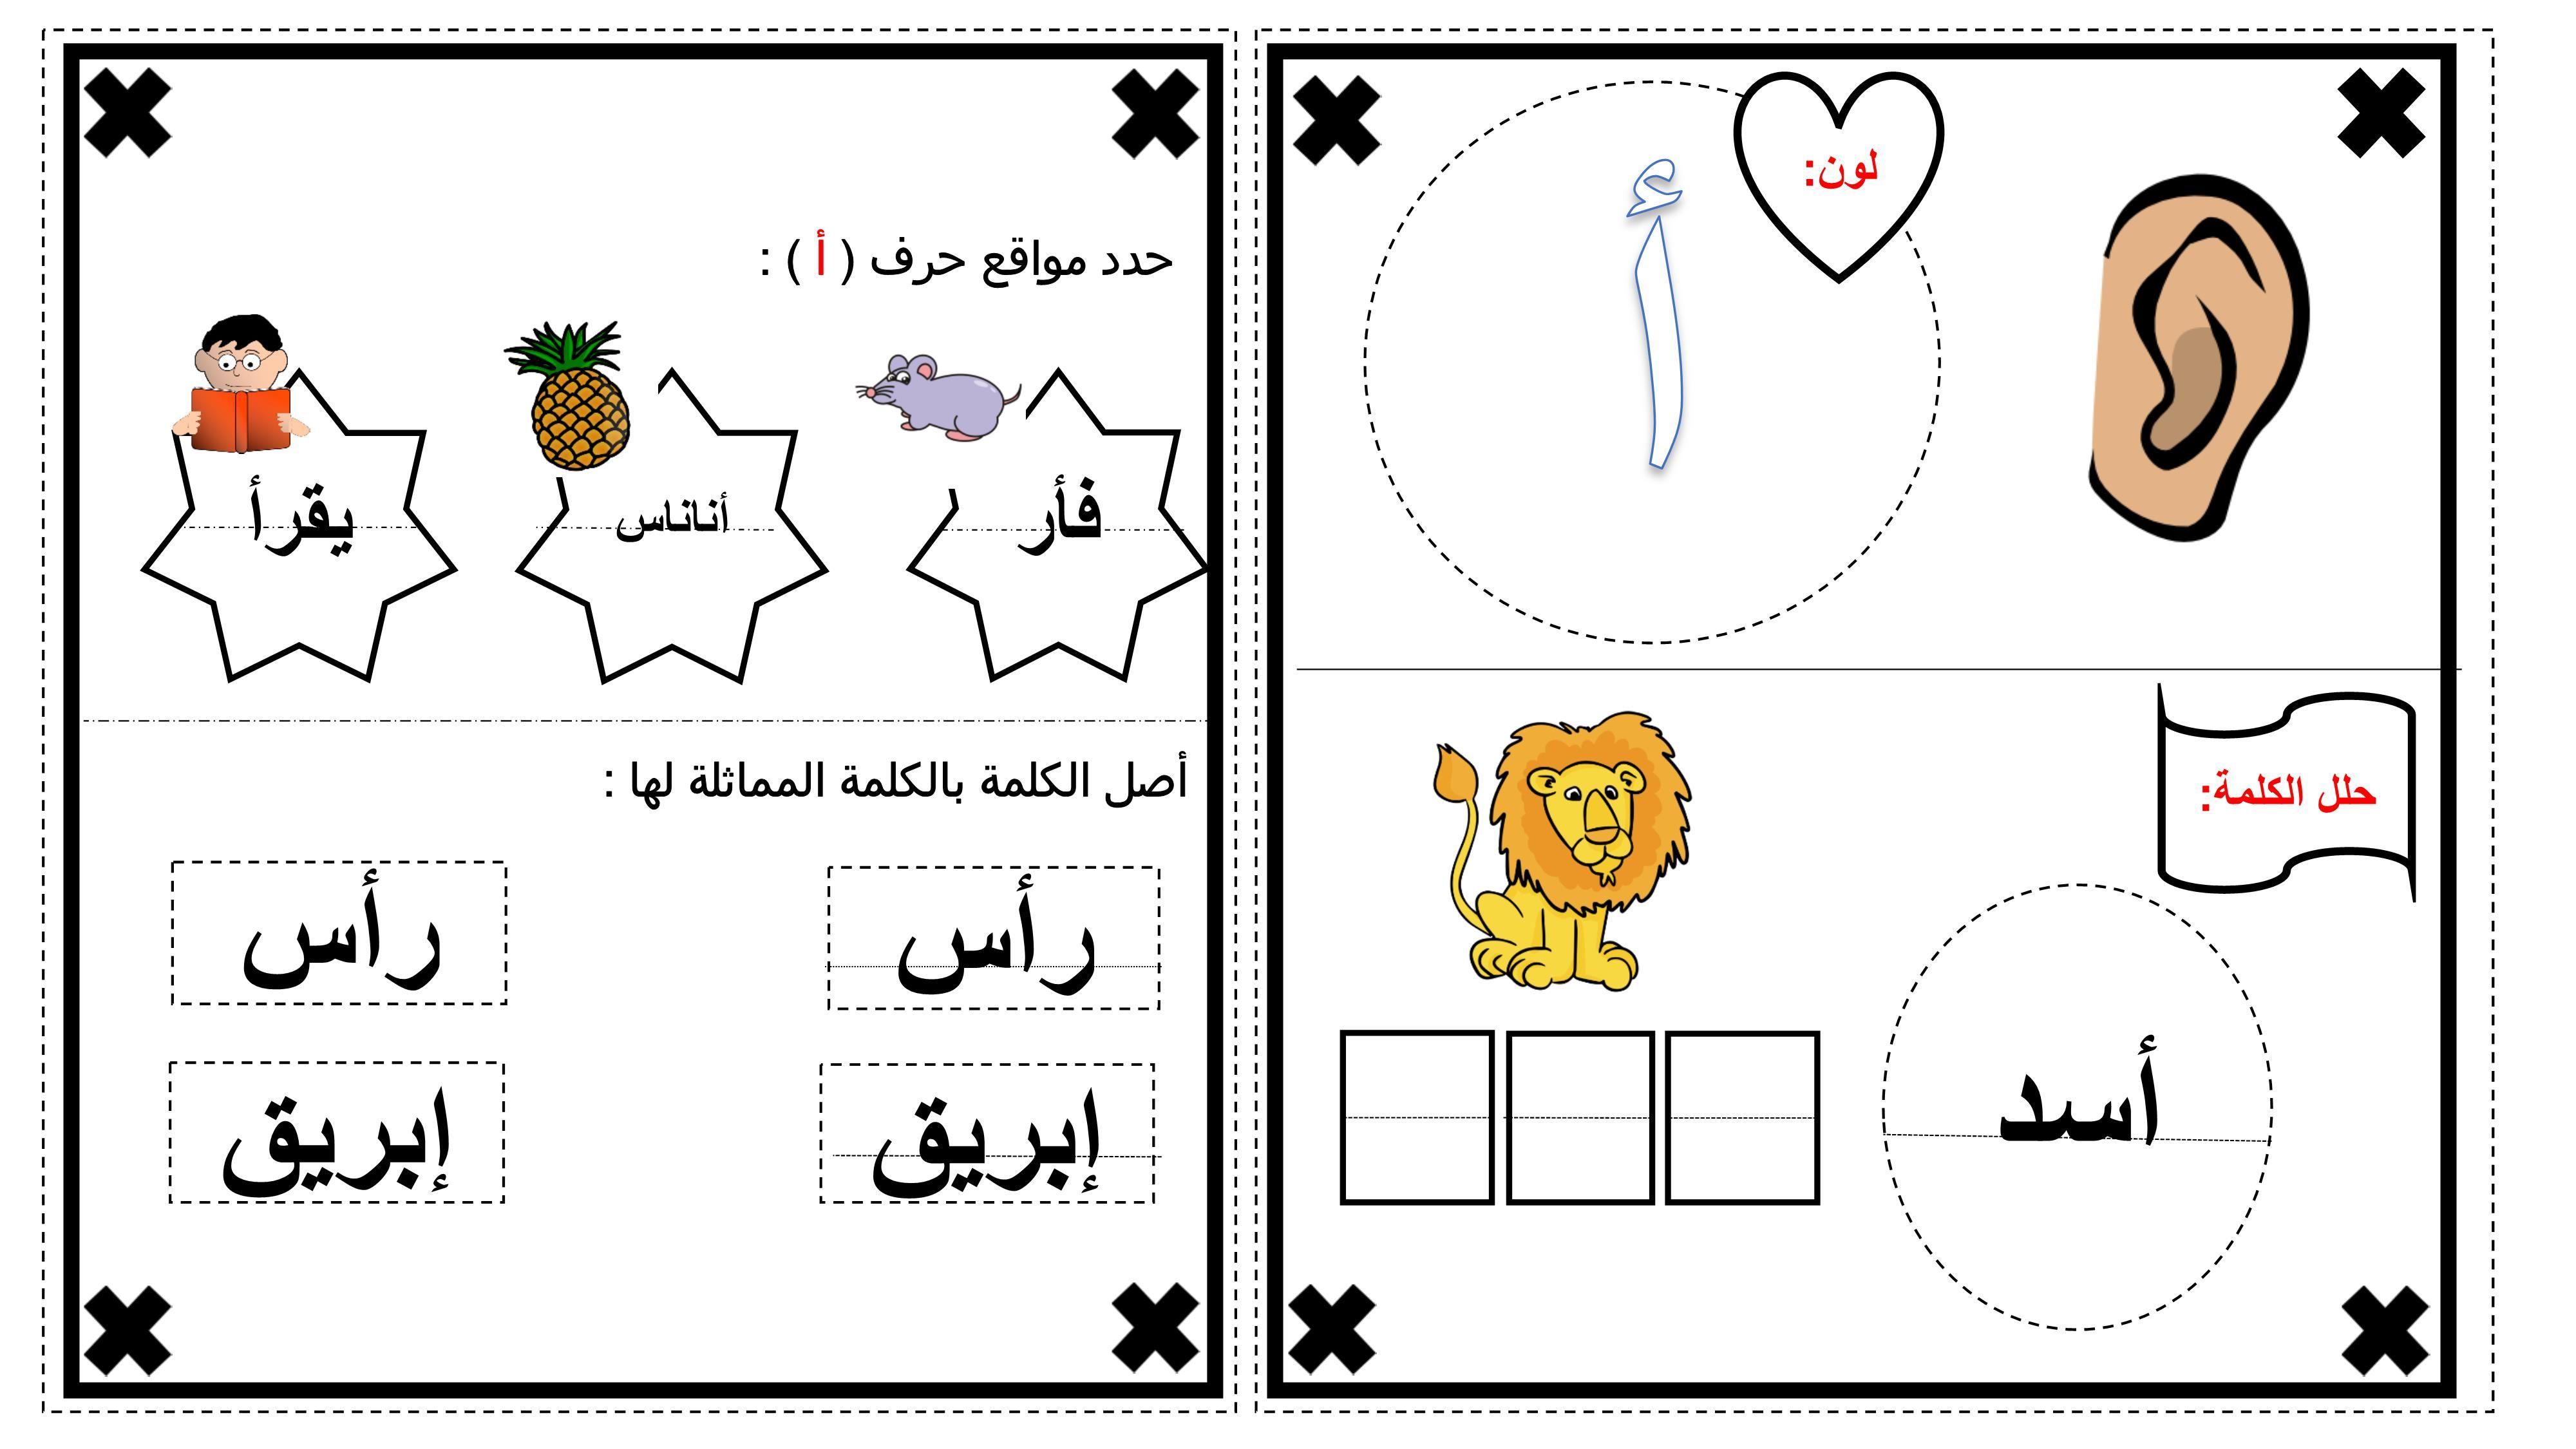 اوراق عمل الحروف الهجائية لتعليم الاطفال بطريقة رائعة المعلمة أسماء Arabic Alphabet For Kids Alphabet For Kids Arabic Alphabet